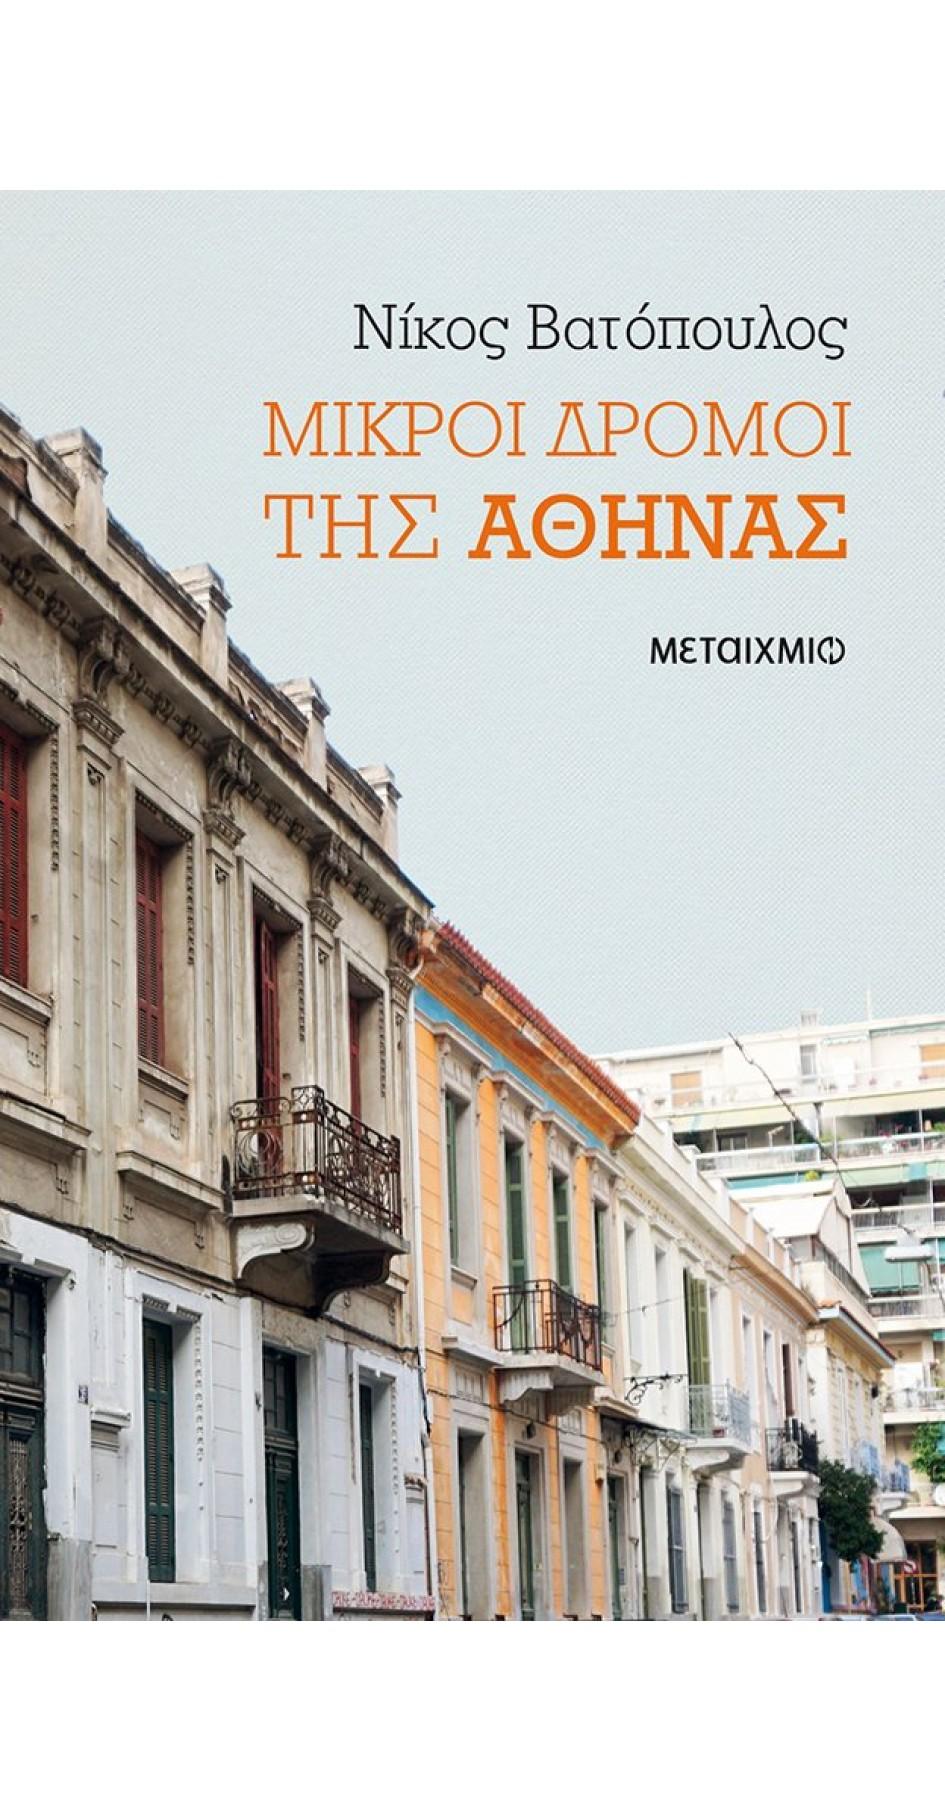 Μικροί δρόμοι της Αθήνας (book in Greek)